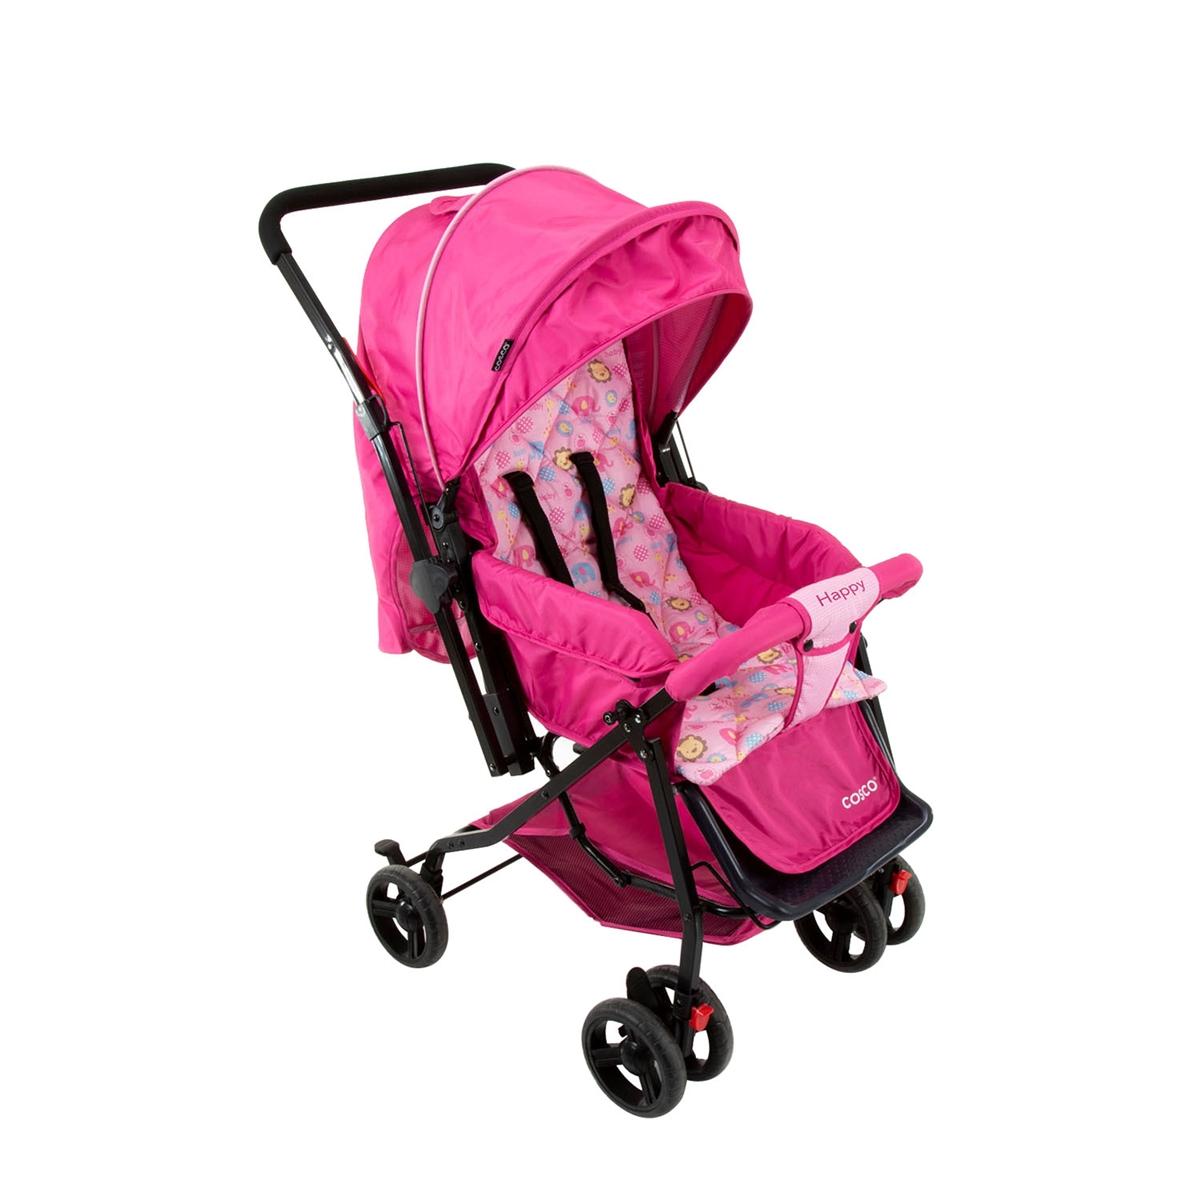 Carrinho De Bebê Cosco Happy Reclinável 3 Posições Rosa